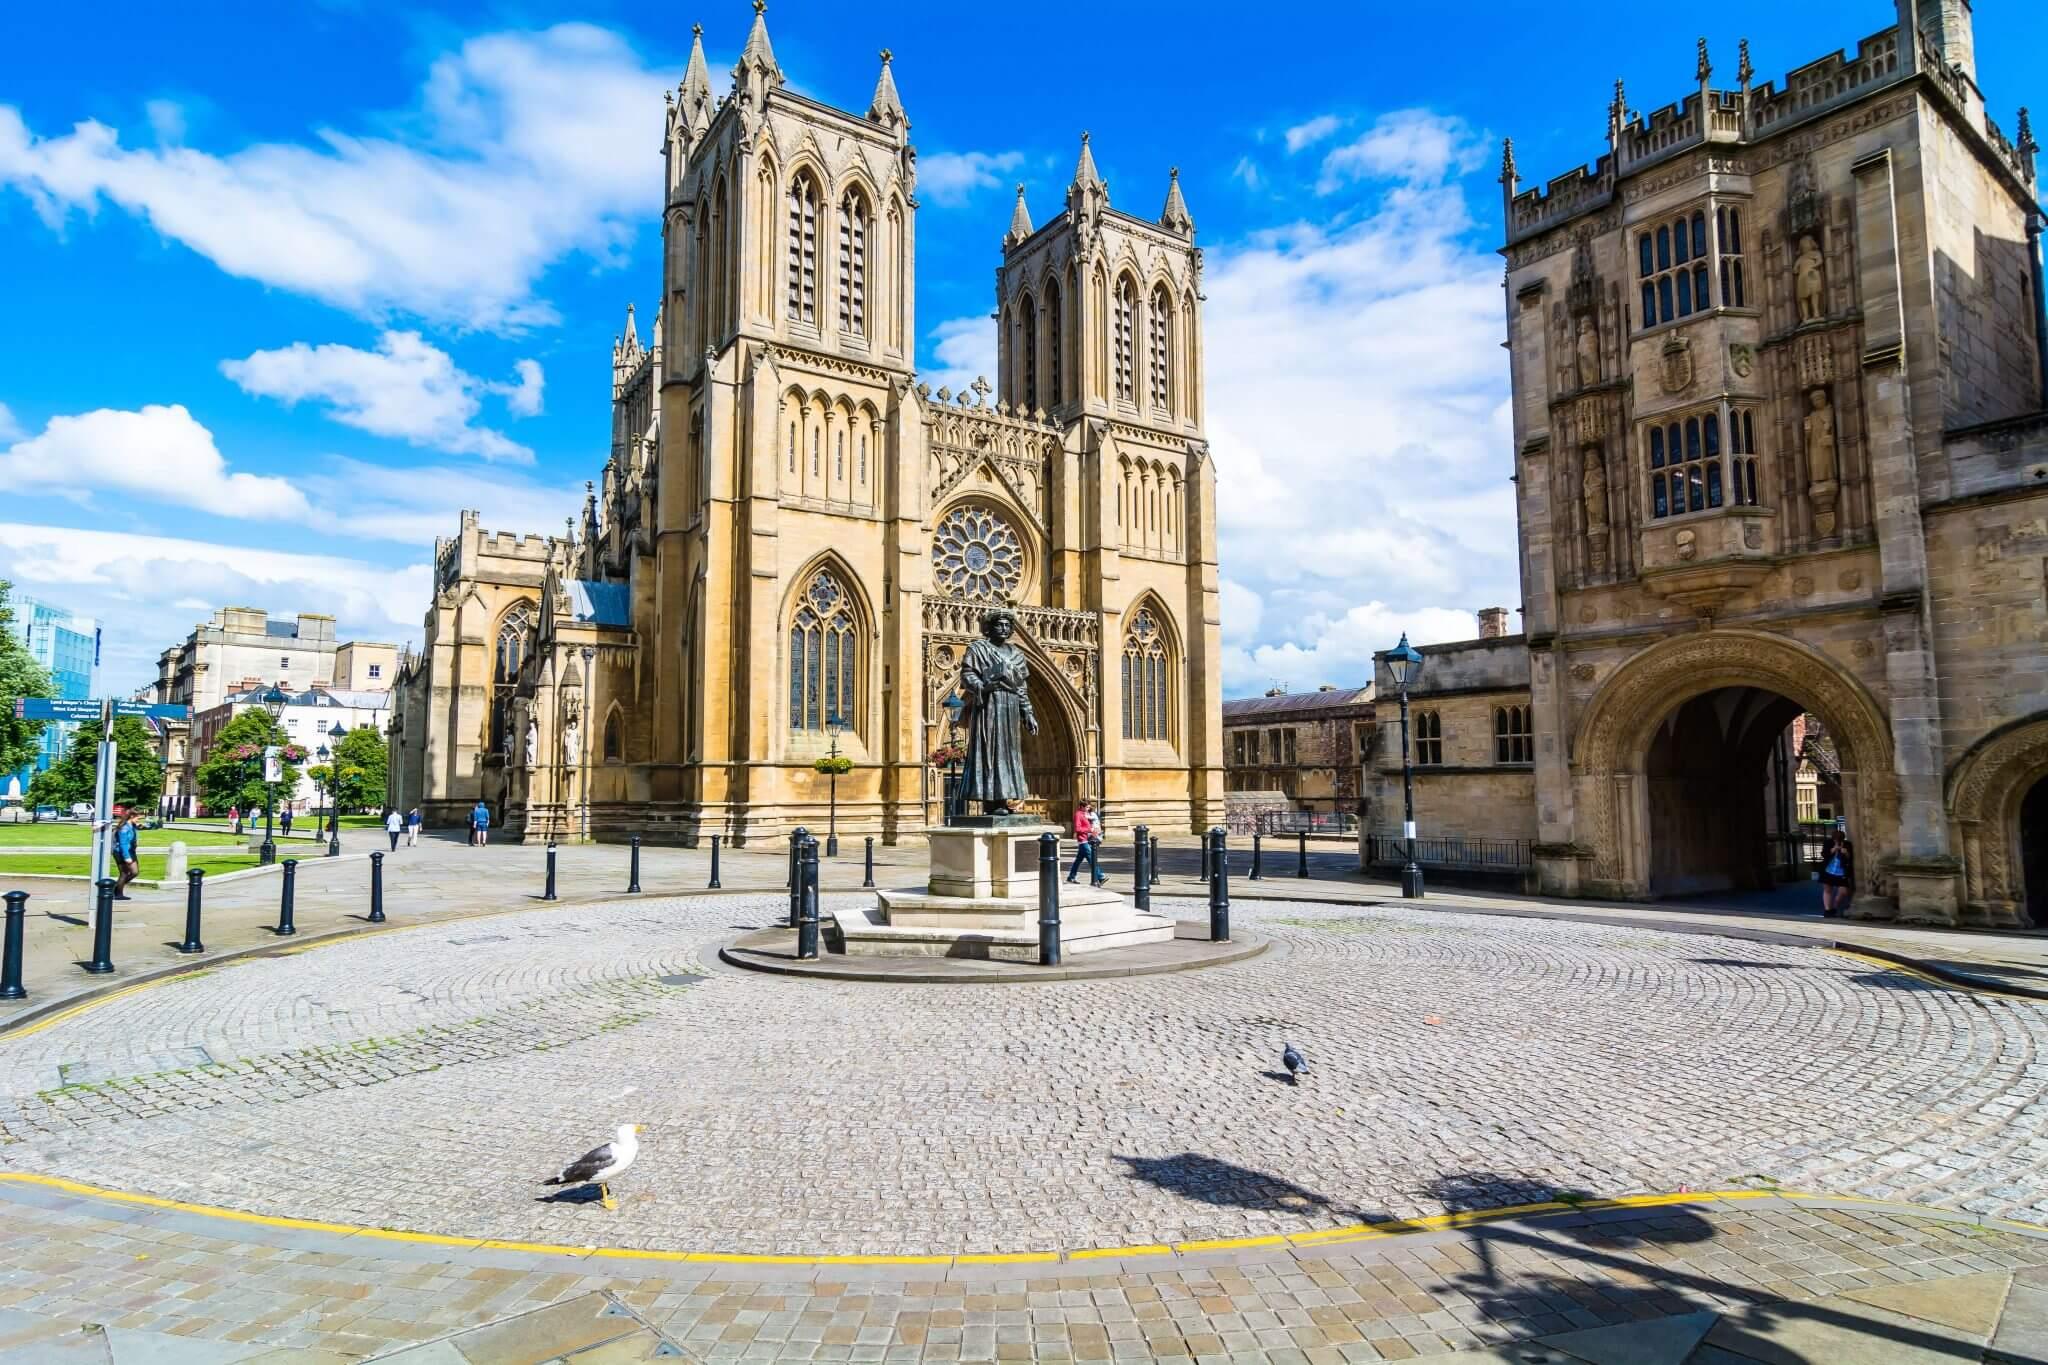 Luoghi storici nella città di Bristol, Inghilterra